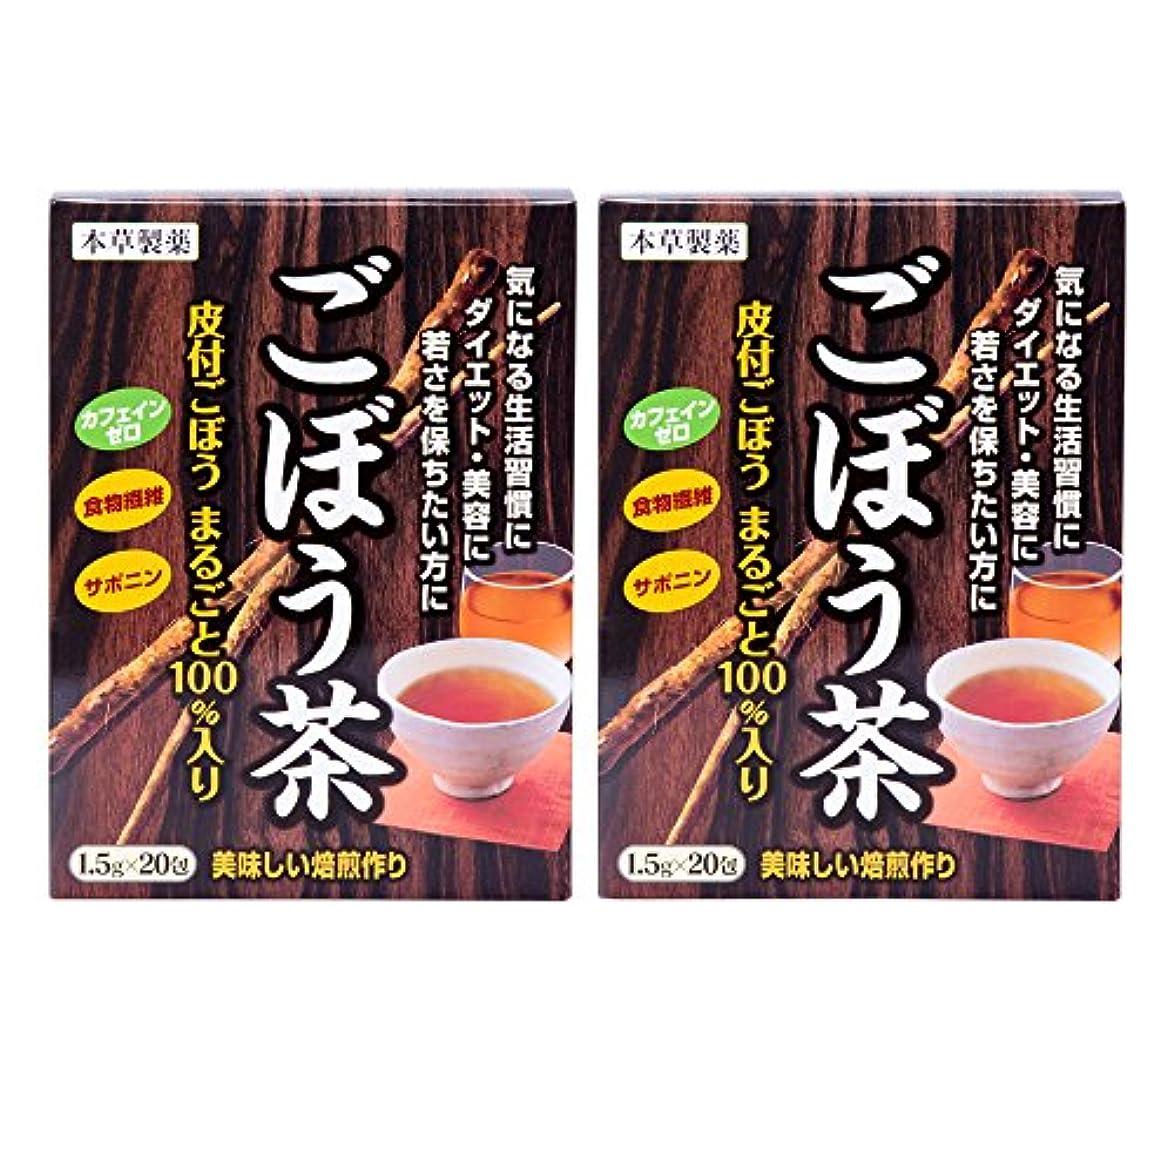 摂動観察メロディアス本草製薬 ごぼう茶 2個セット